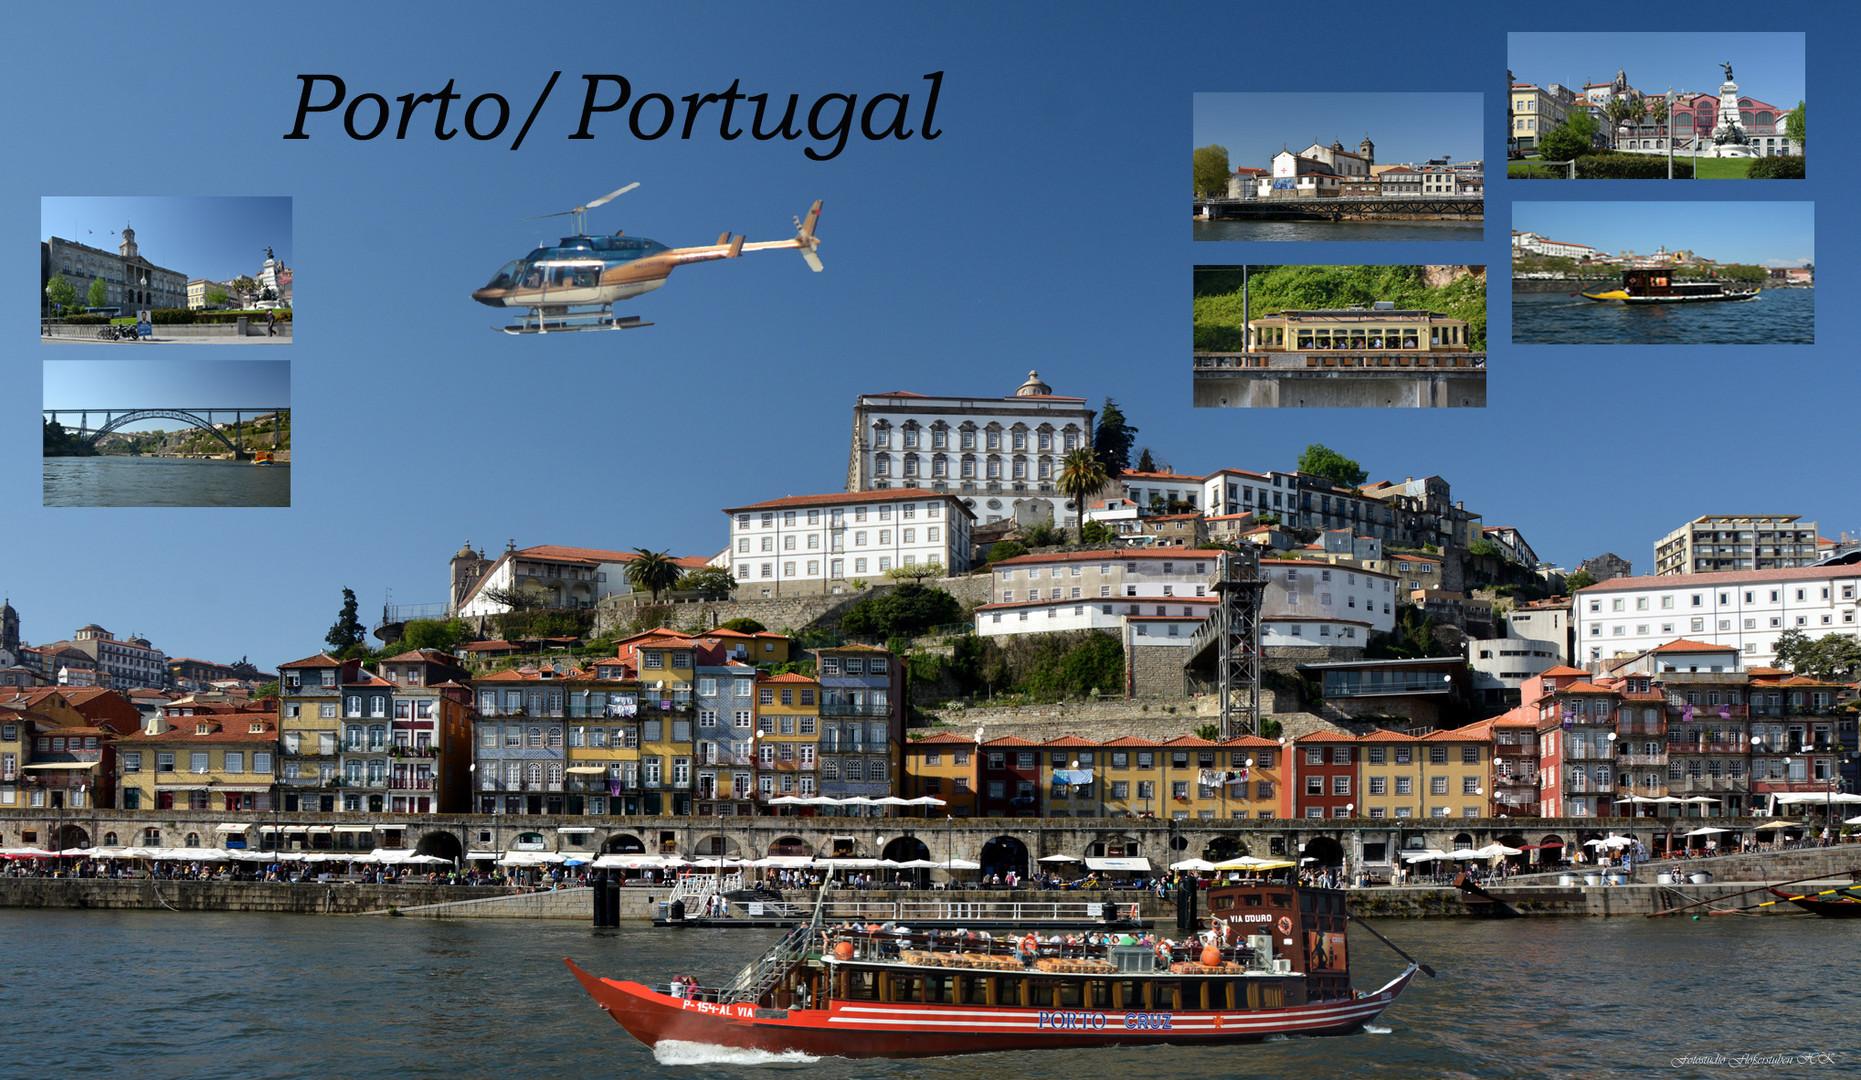 Porto/Portugal